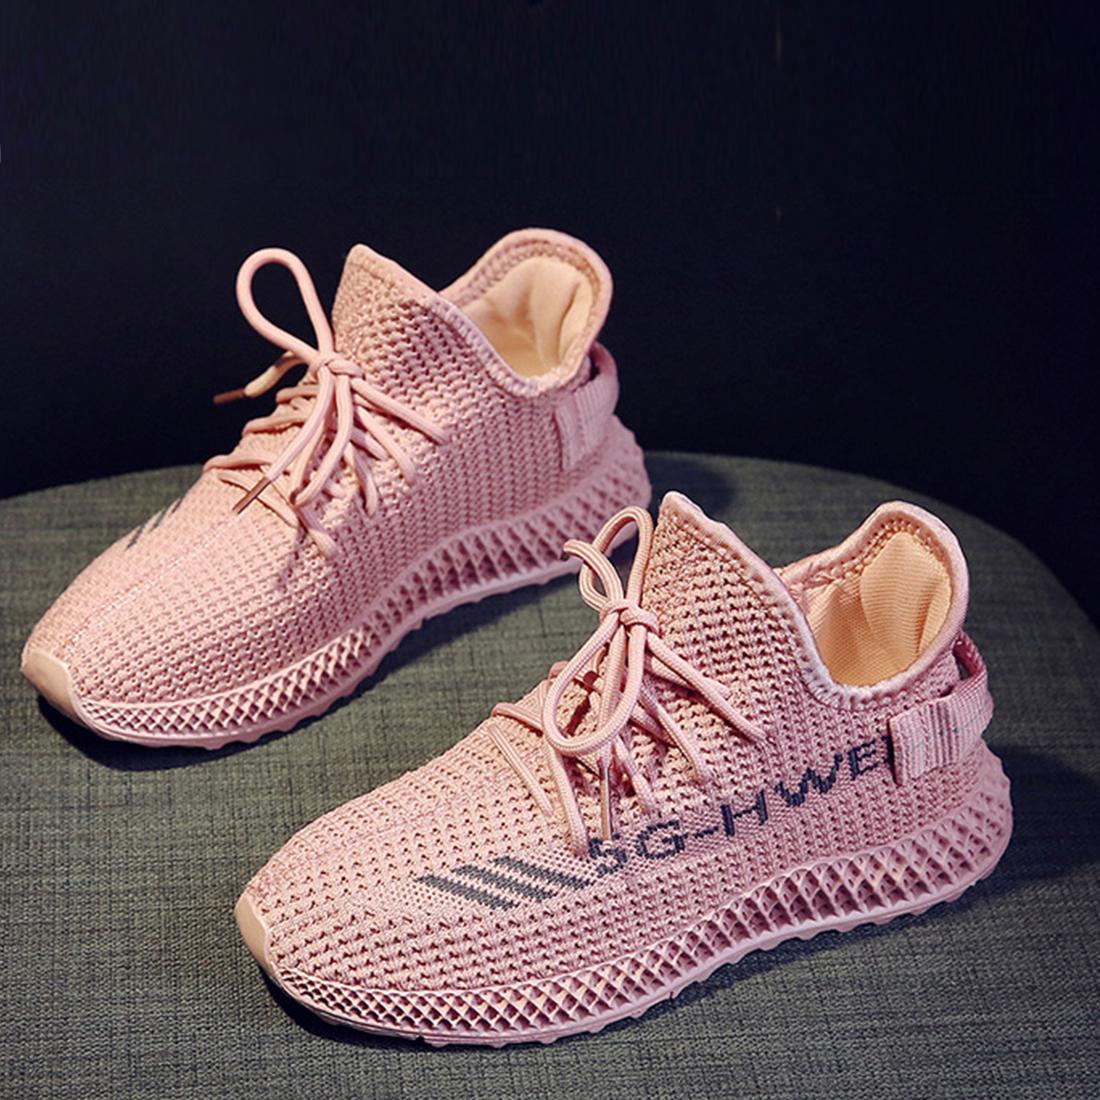 sepatu sneaker kets wanita rapida shoes casual slip on model  – sepatu wanita import – sepatu sport korea